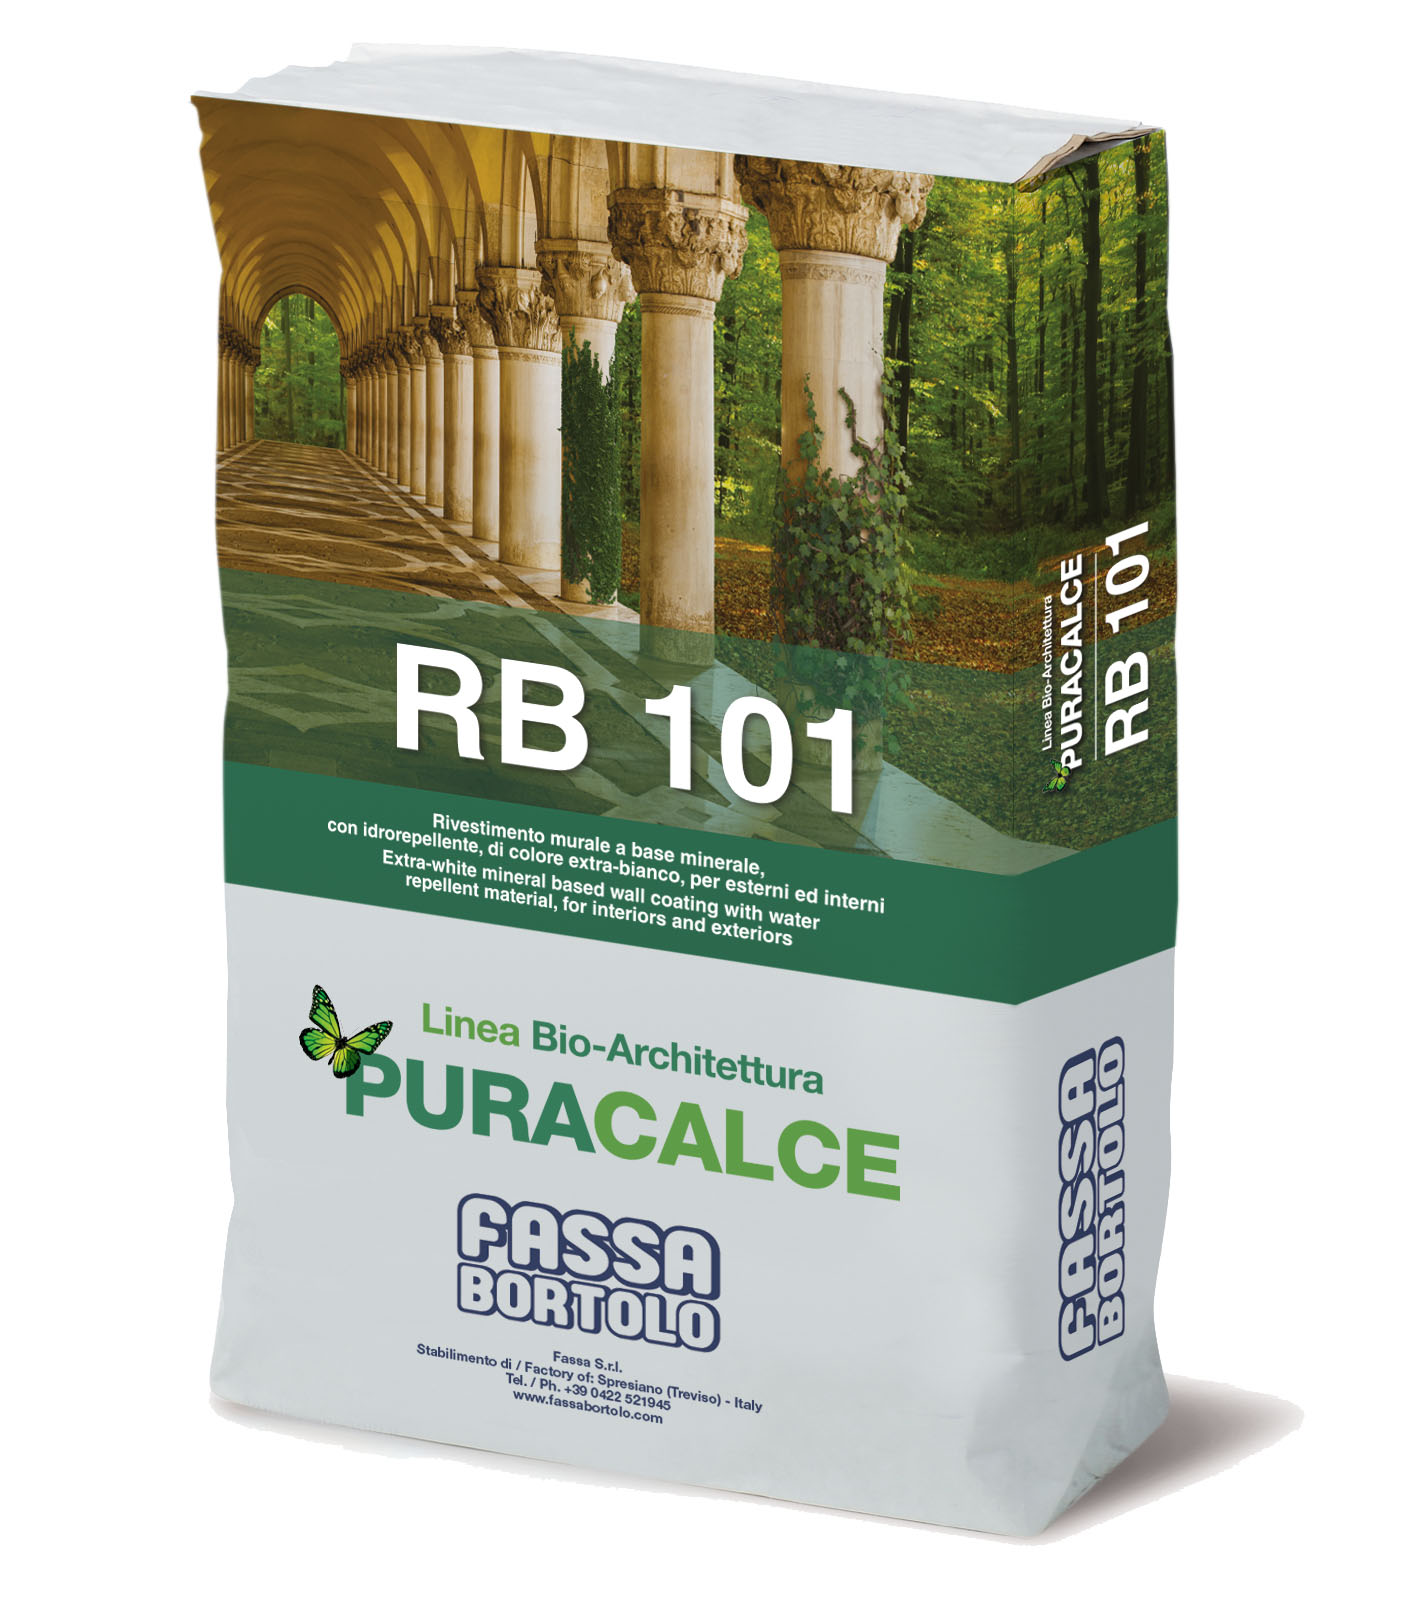 RB 101: Bio-rivestimento murale extra bianco a base minerale ad effetto marmorino per esterni ed interni